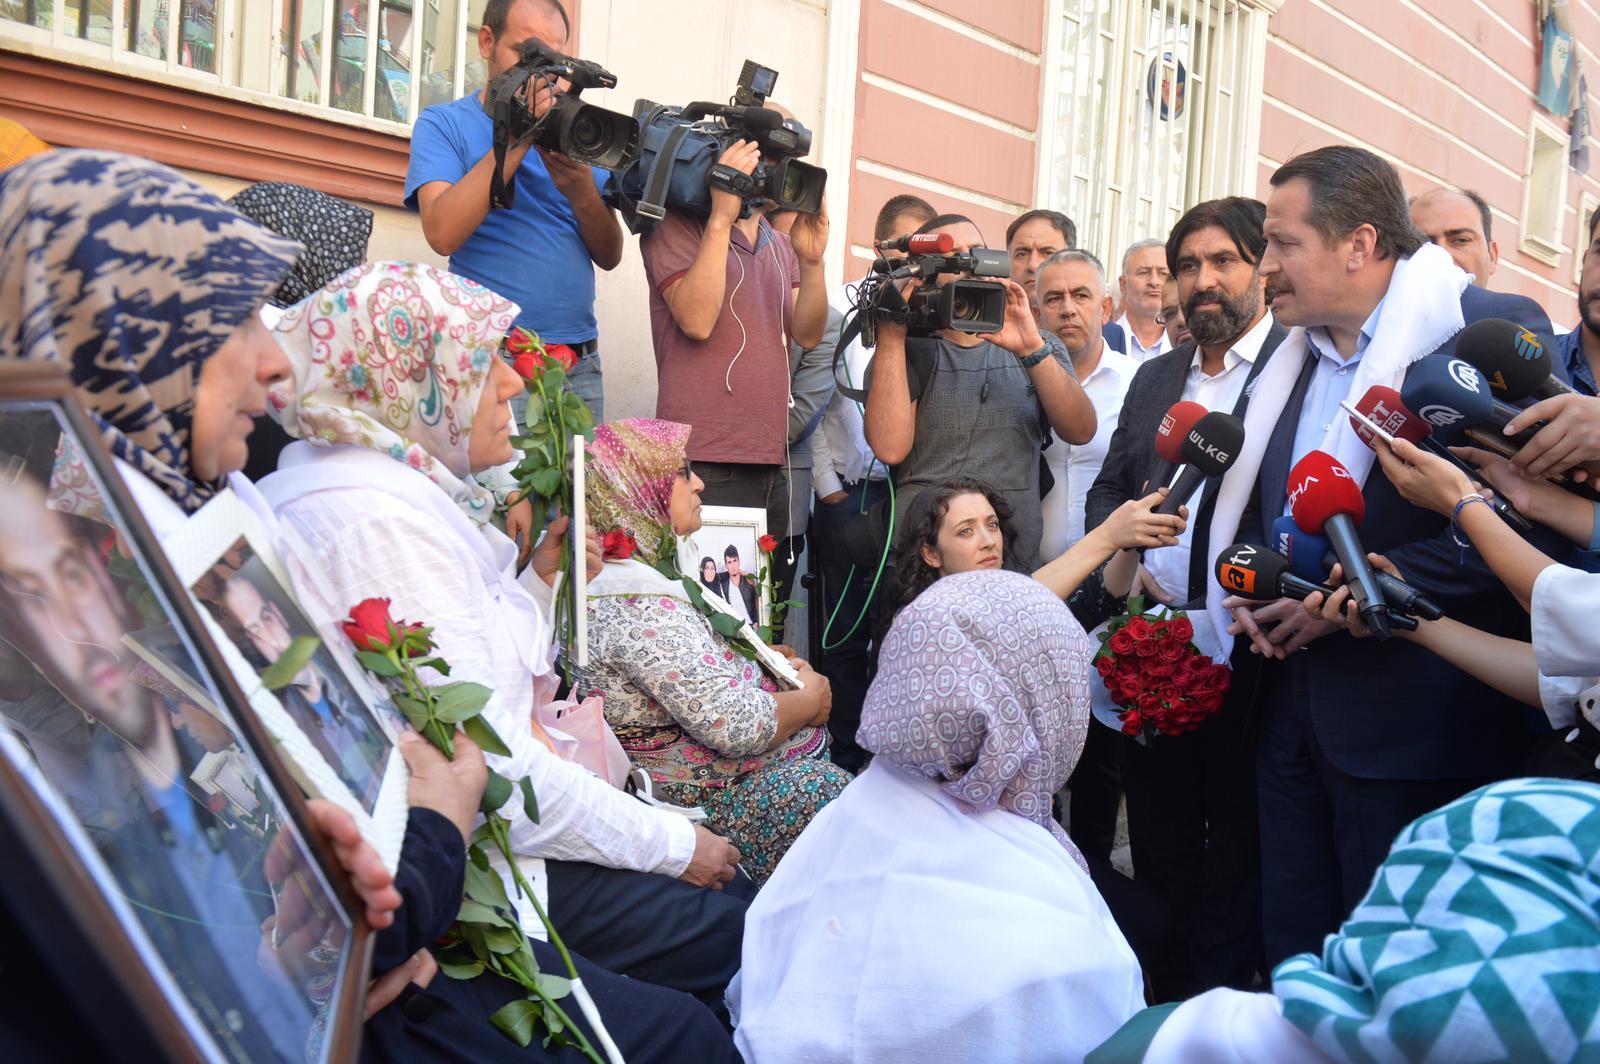 yalcindiyarbakir1